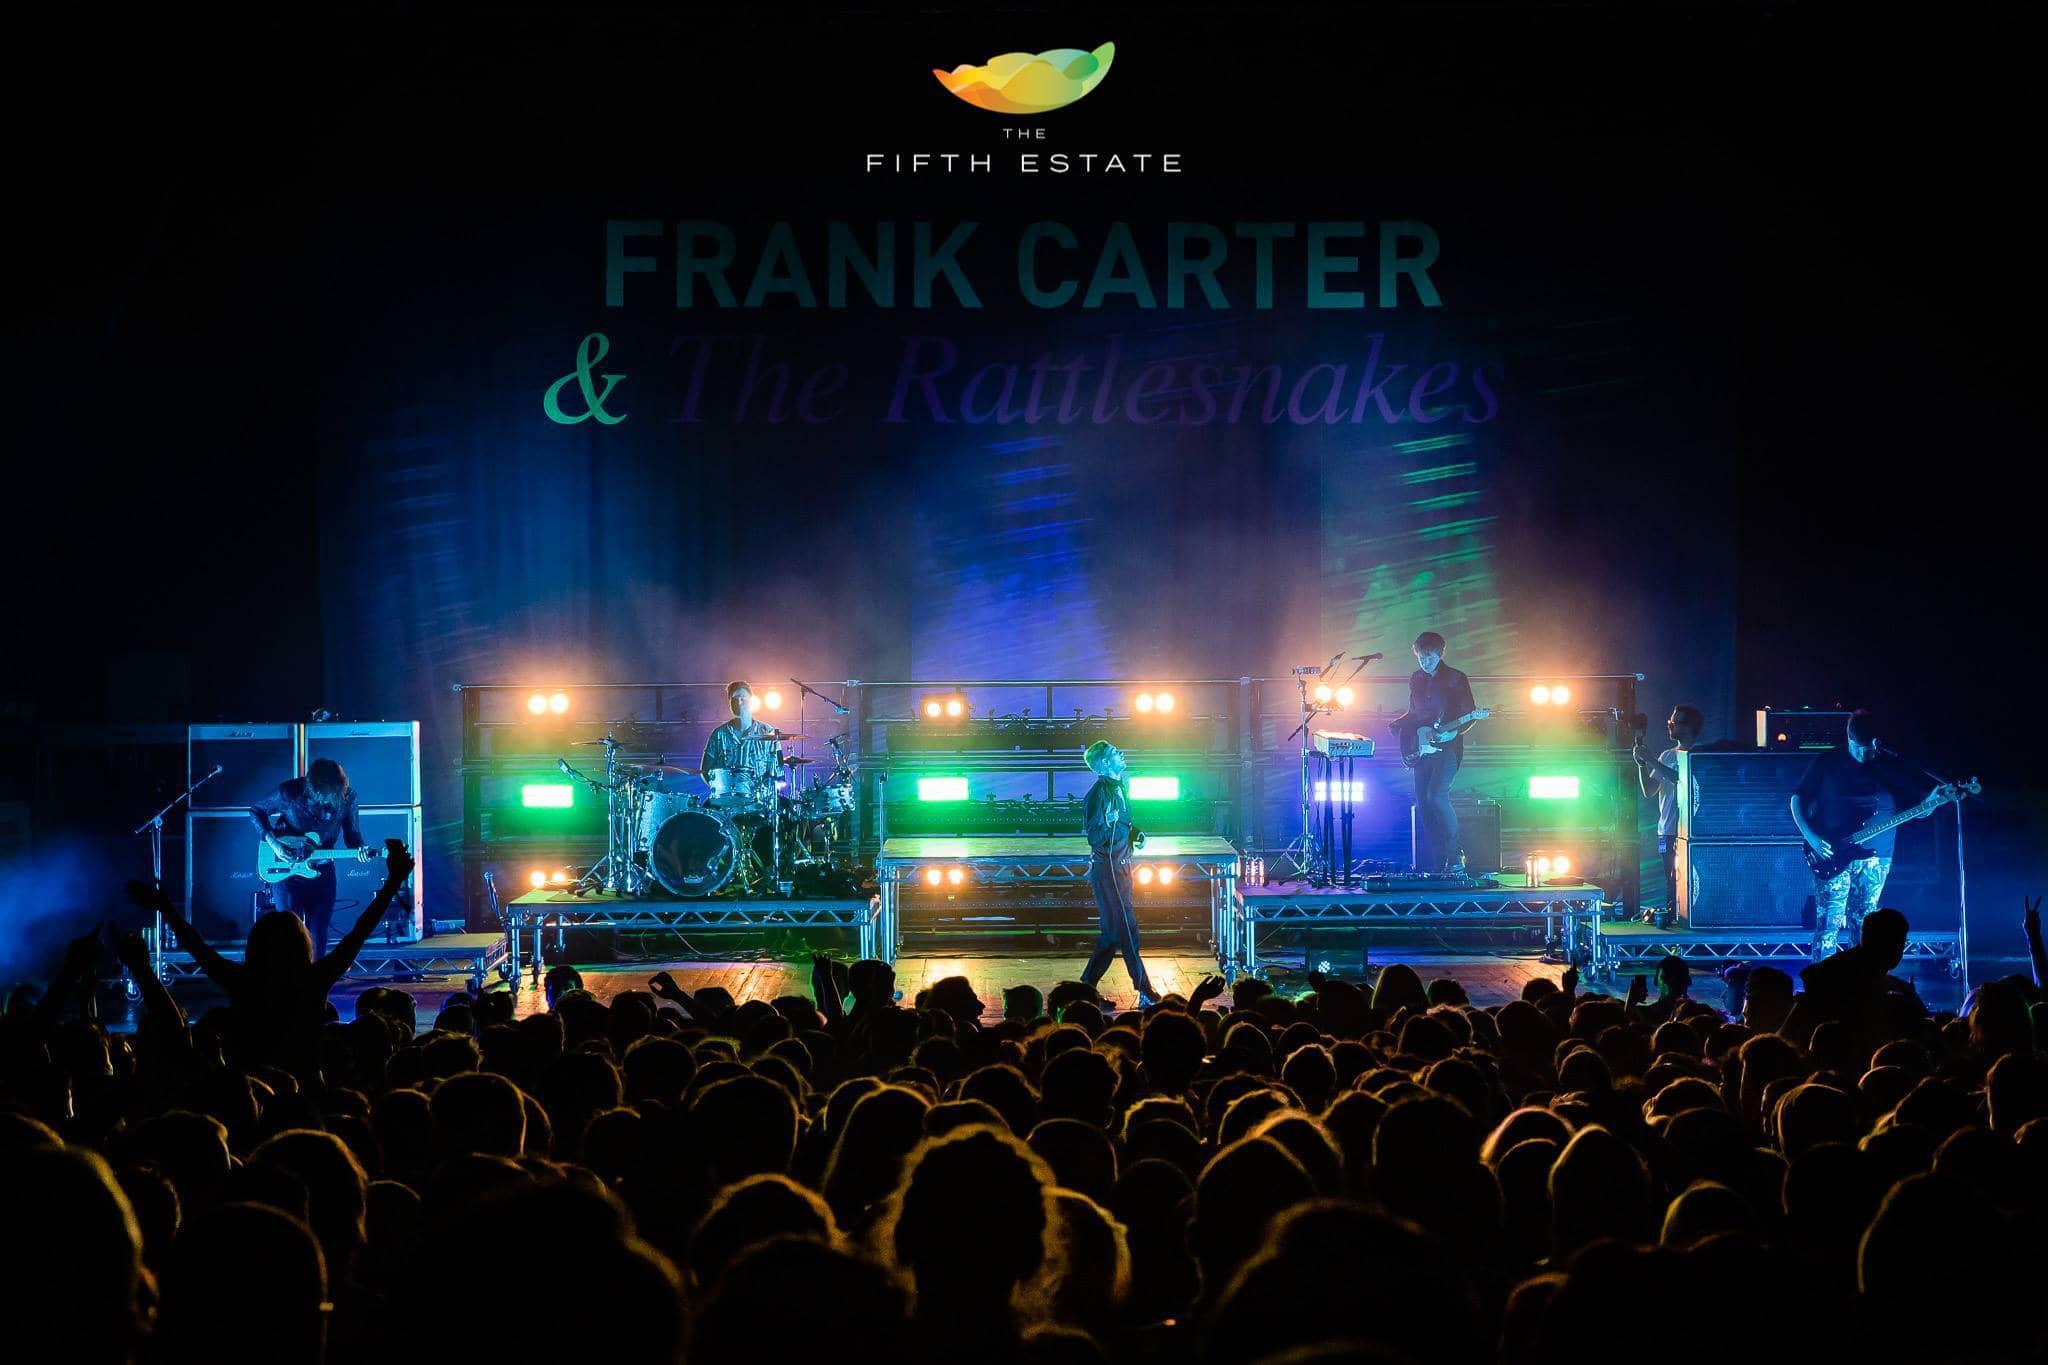 Frank Carter: Client – Avolites